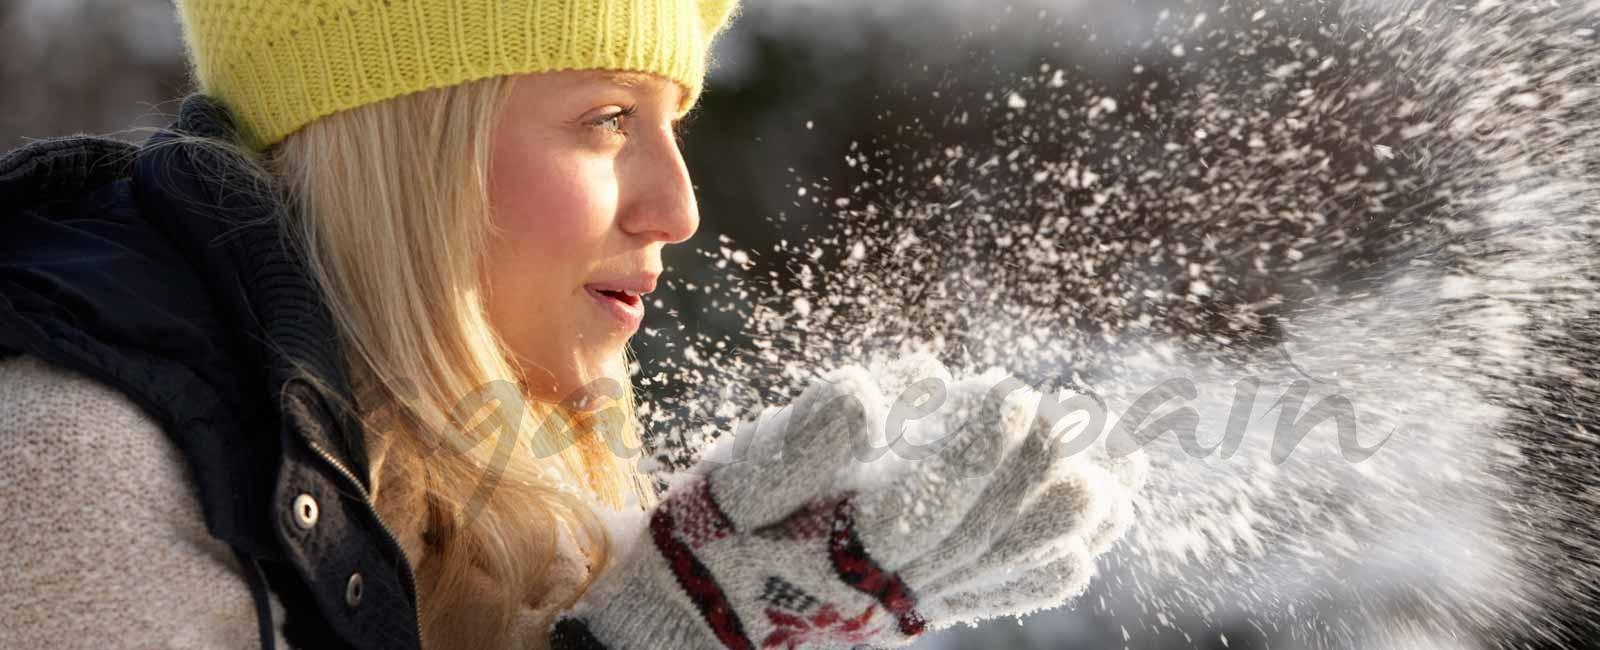 Consejos para tener unas manos perfectas este invierno